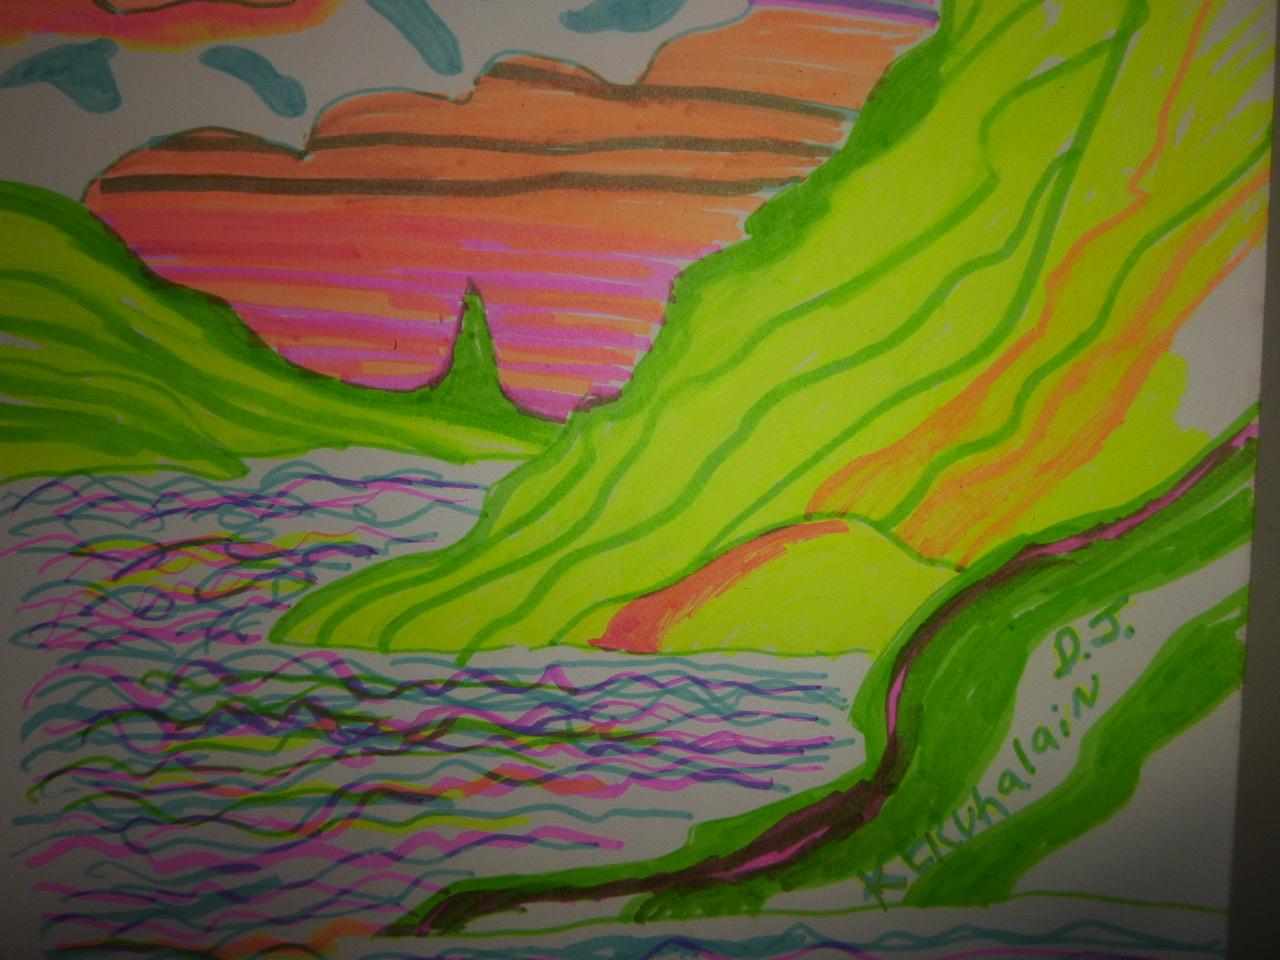 """<span style=""""color: #ff0000;""""><a style=""""color: #ff0000;"""" href=""""mailto:johorse.danielssen@gmail.com?subject=Défi 15 dessins 15 semaines - Paysage de l'Irréel"""">Contacter l'artiste</a></span> Daniel Joyal - Paysage de l'Irréel - 75$ (transaction directement avec l'artiste) - Marqueur sur papier Canson - 9 x 12 po"""